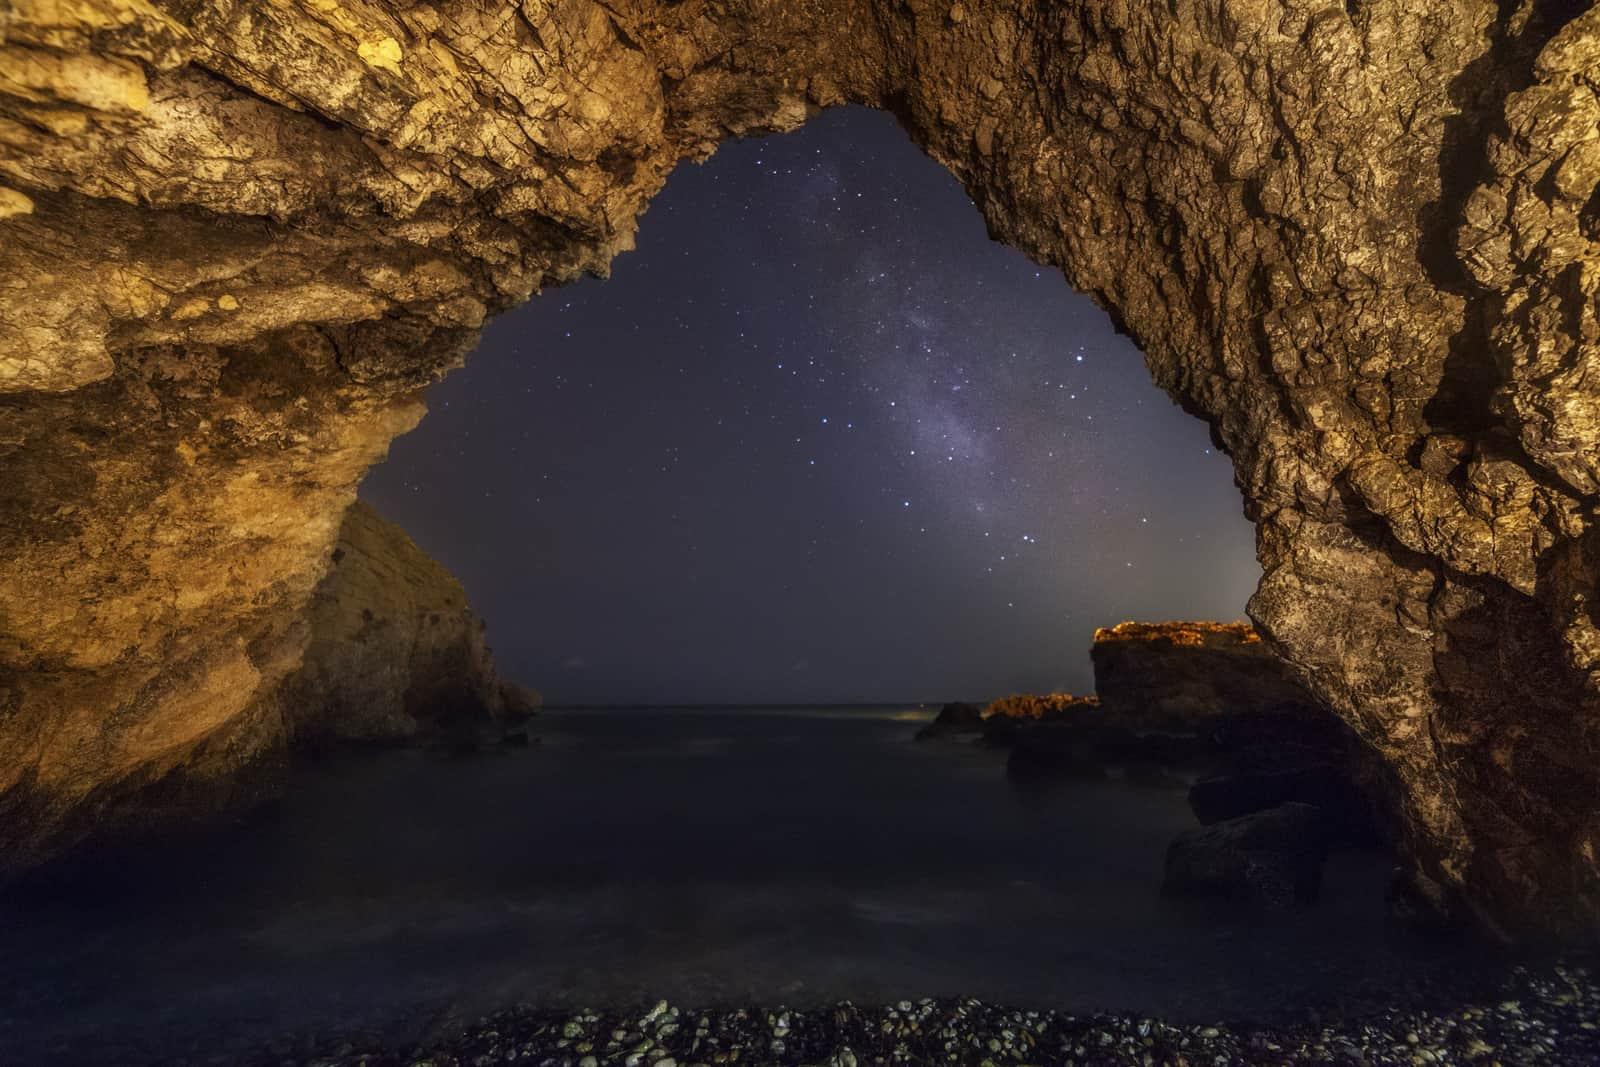 1502894501_Escondido bajo las estrellas